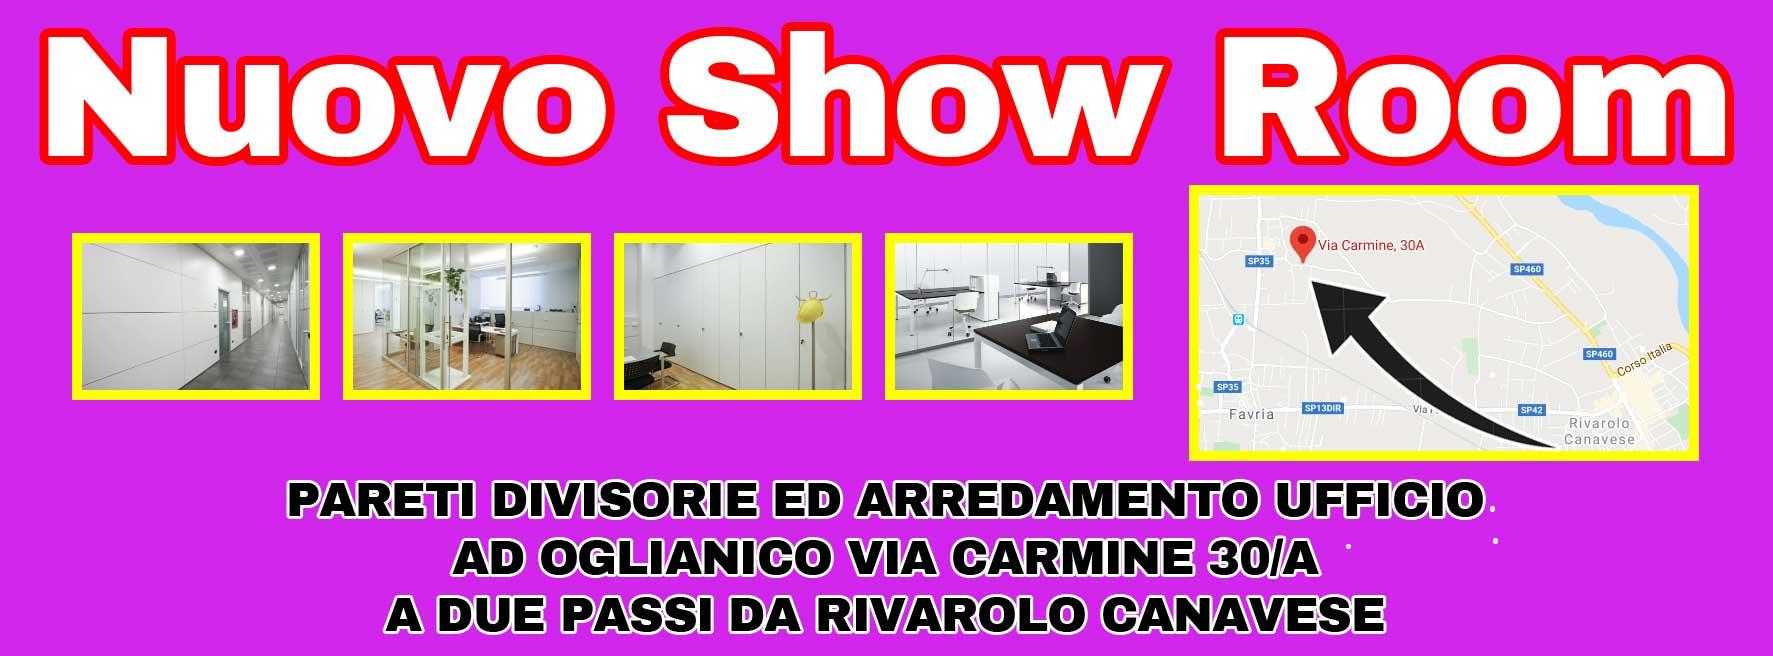 Arredamenti Rivarolo Canavese offerte